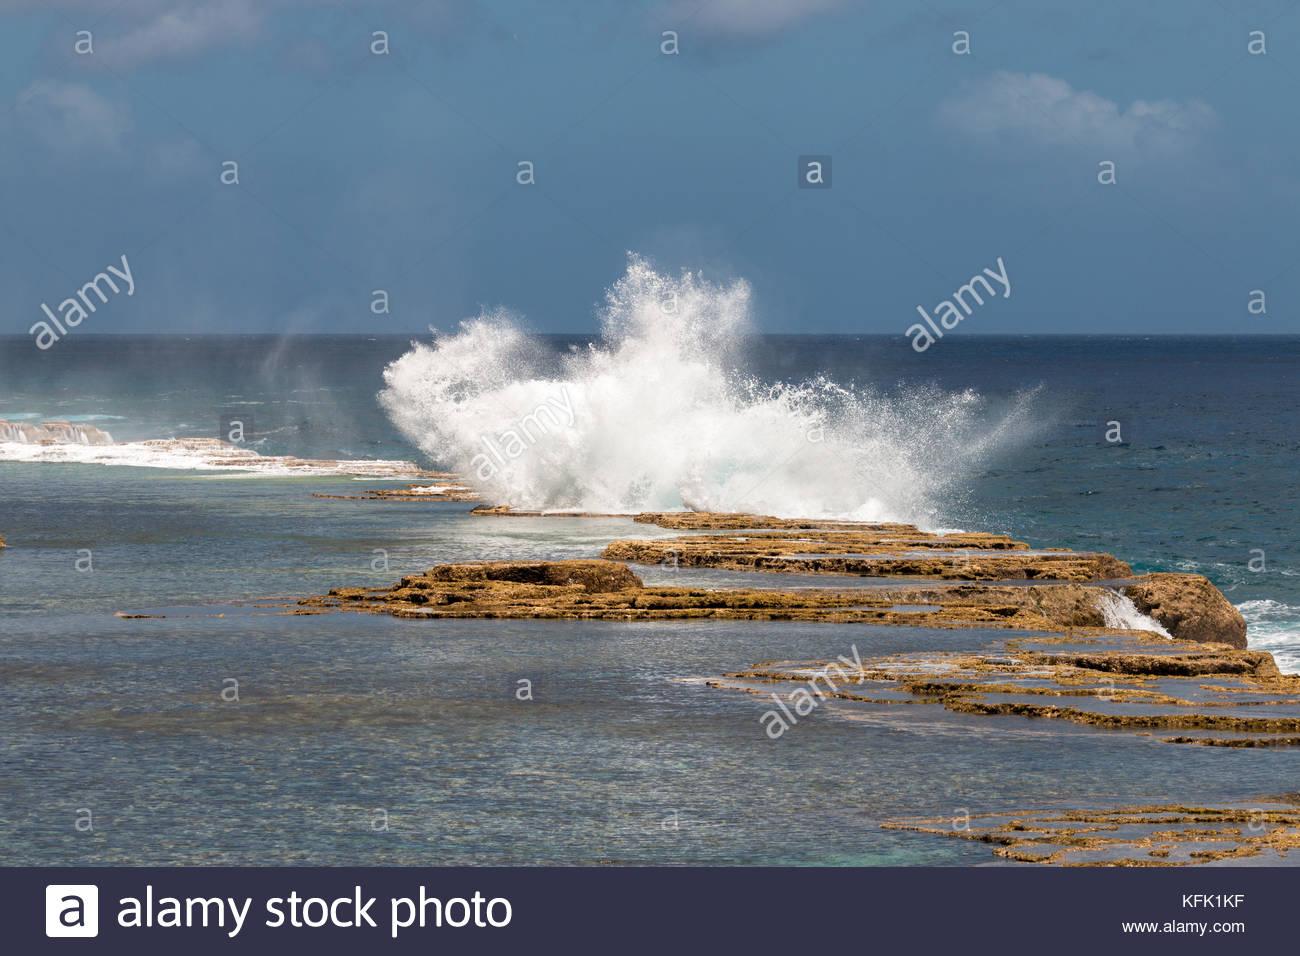 Splash of Mapu'a 'a Vaea Blowholes, Tongatapu, Tonga - Stock Image